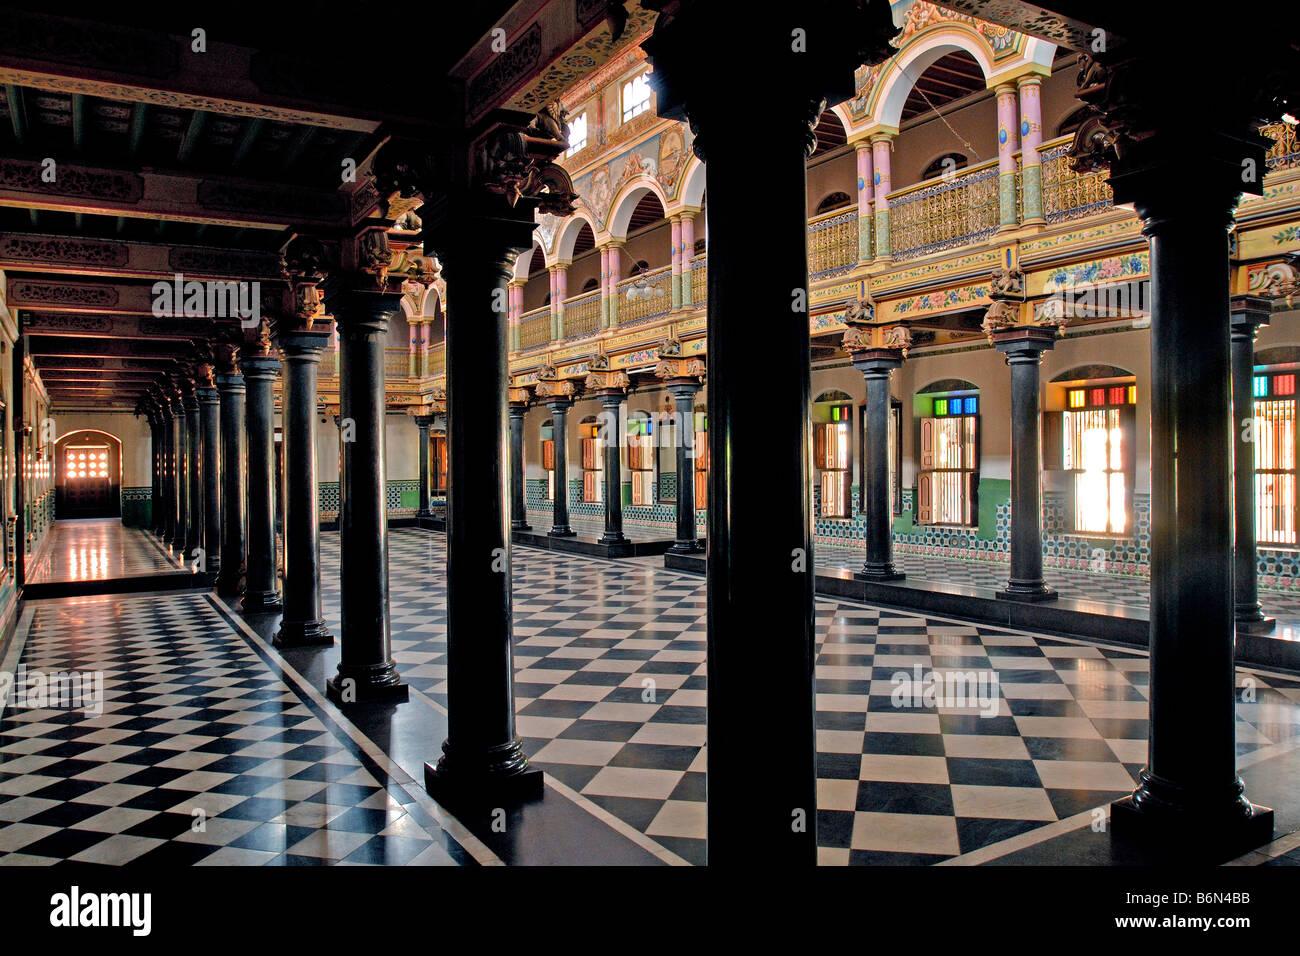 Nattukottai chettiar house in chettinad tamil nadu stock for Tamilnadu house images